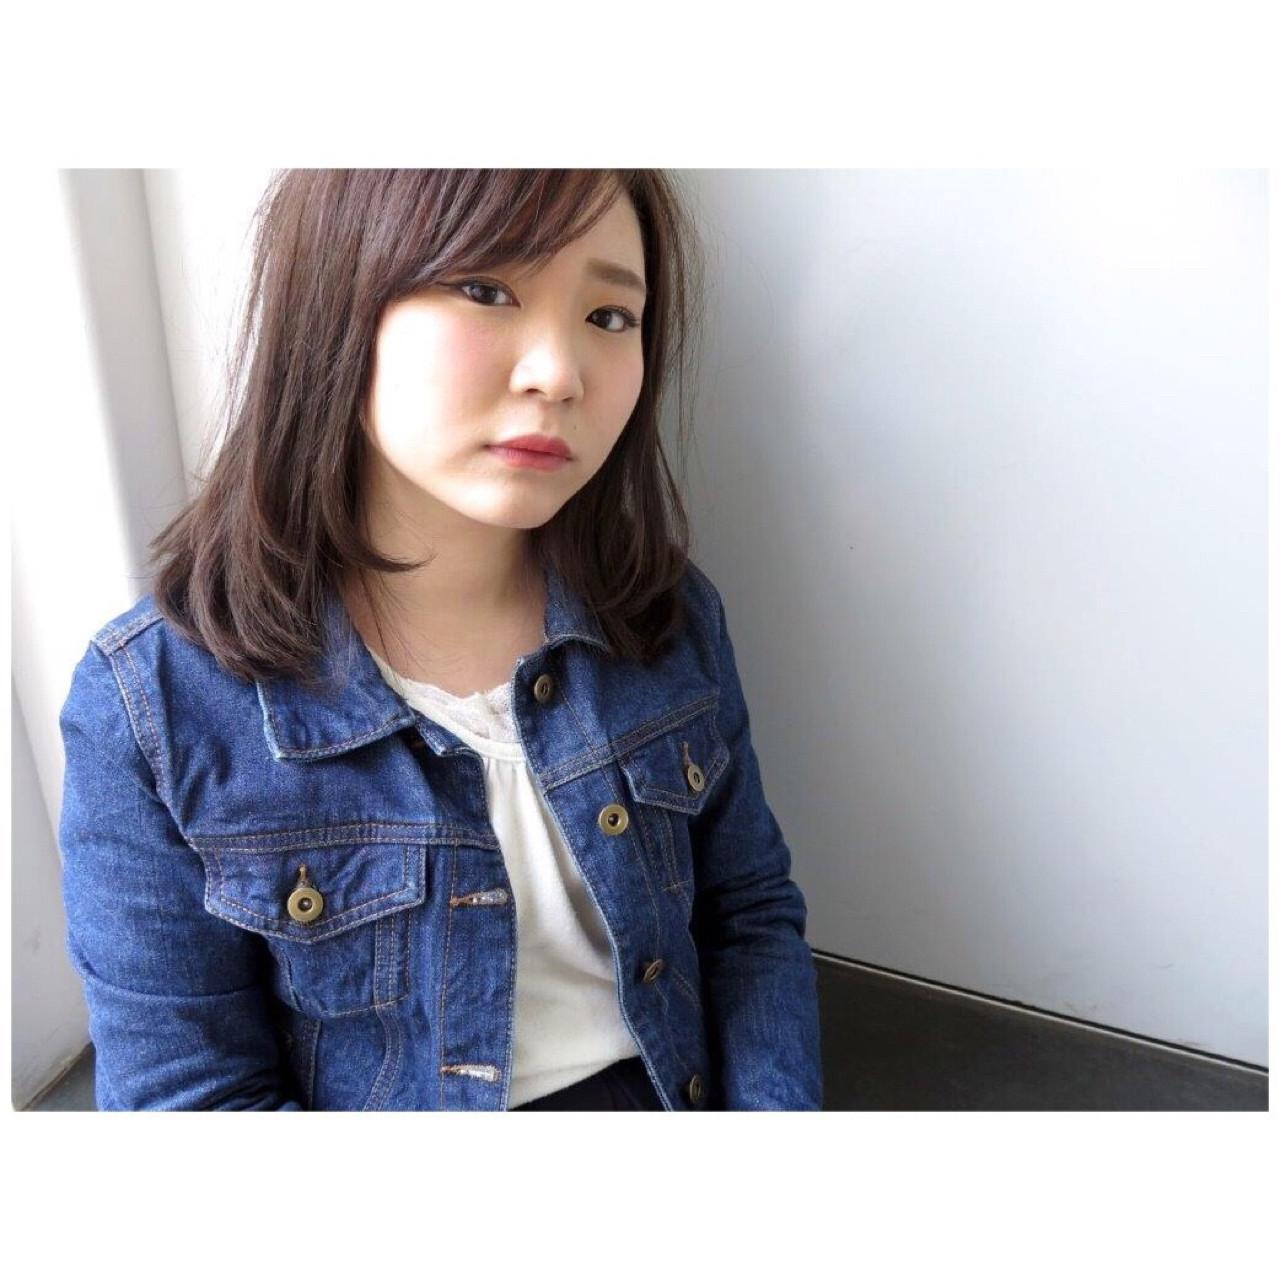 ナチュラル スモーキーカラー 小顔 ストレート ヘアスタイルや髪型の写真・画像 | Yumi Hiramatsu / Sourire Imaizumi【スーリール イマイズミ】